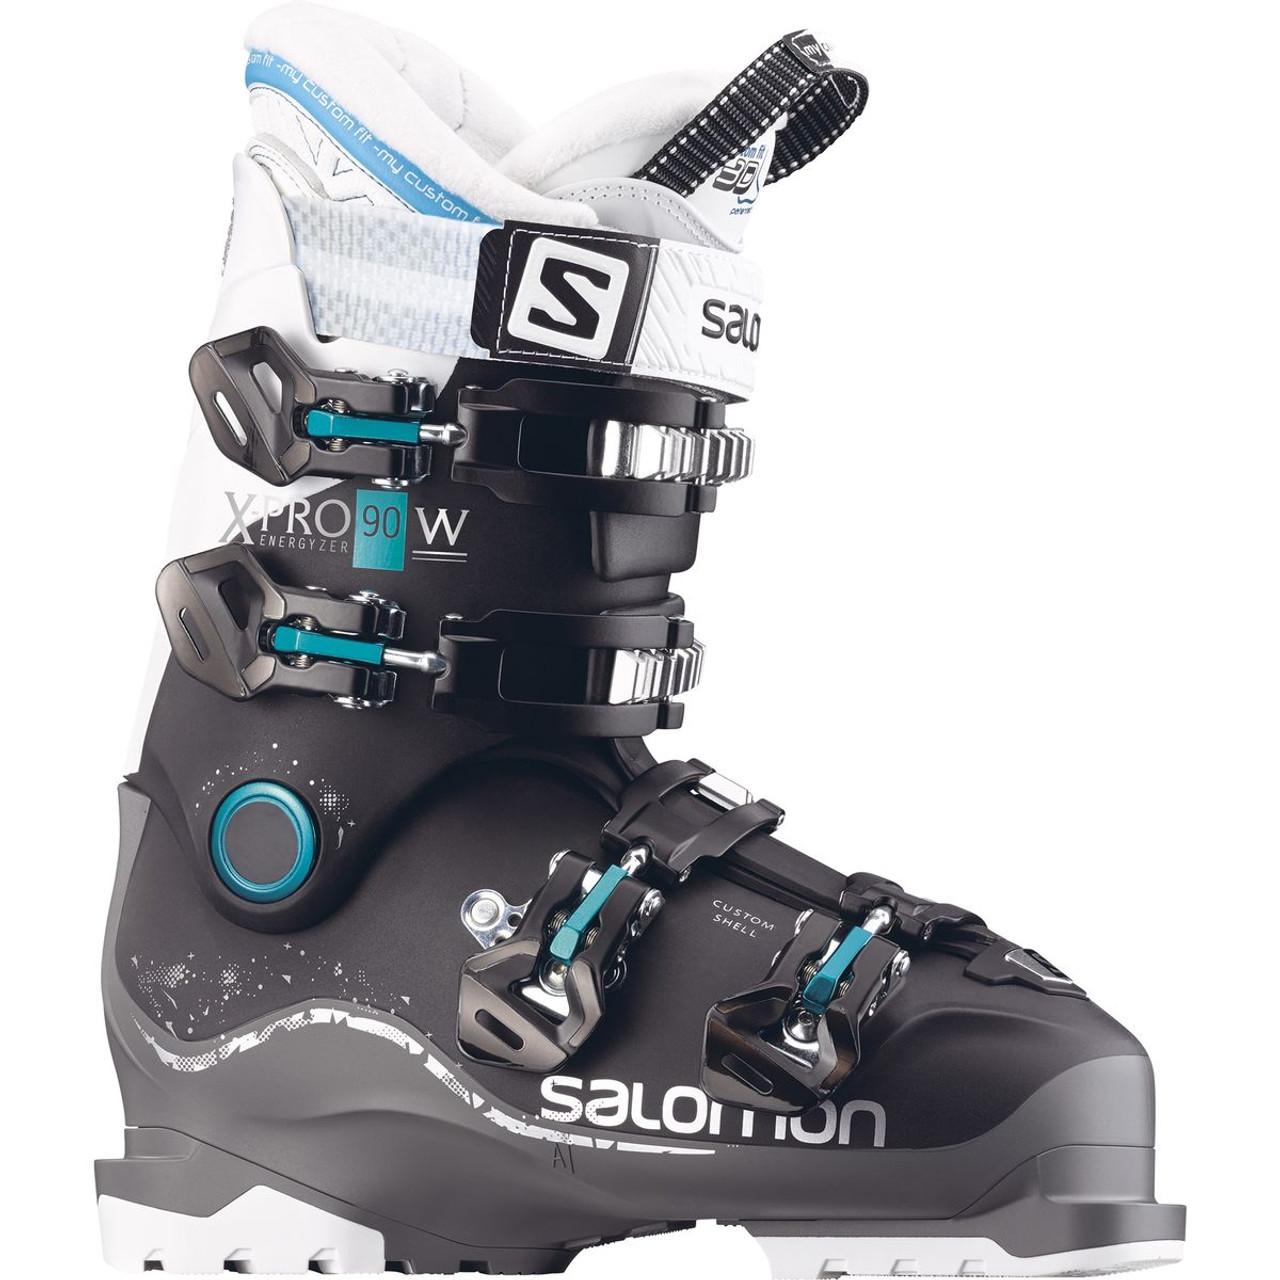 Salomon X Pro 90w Ski Boots | Women's | Past Season